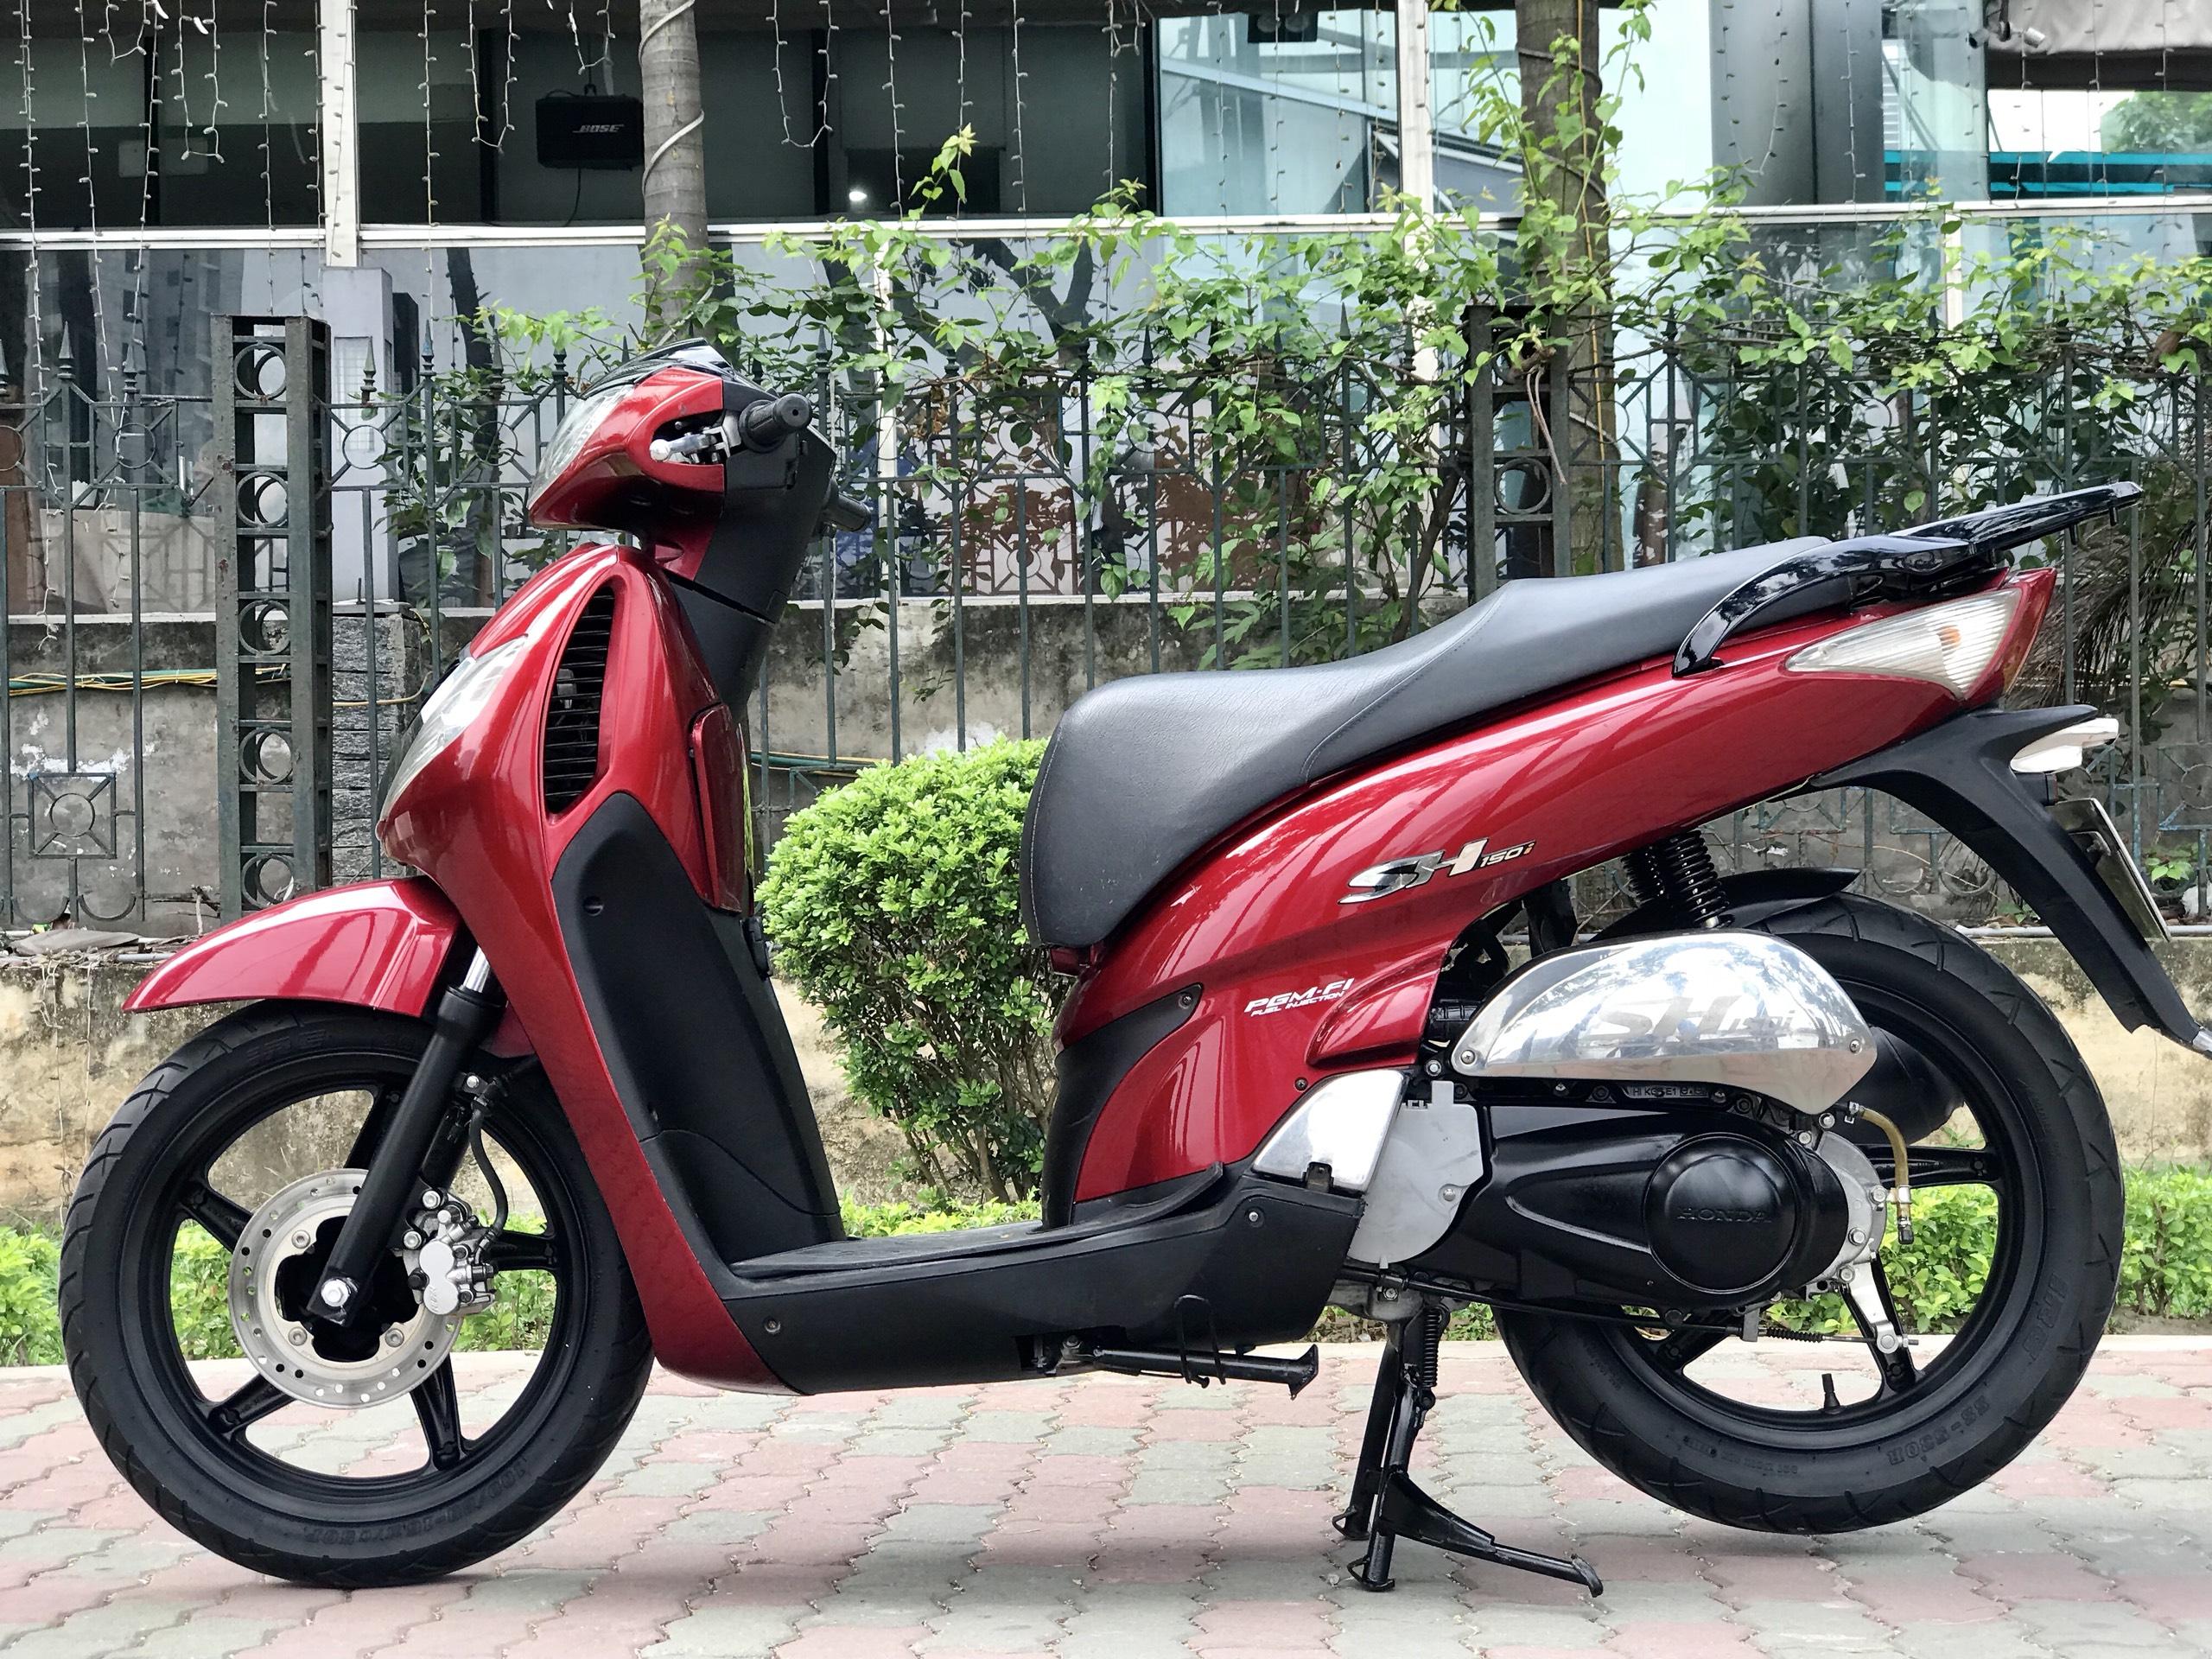 5 SH 150i nhập khẩu màu đỏ đen Sporty chính chủ 29C1 - 28914